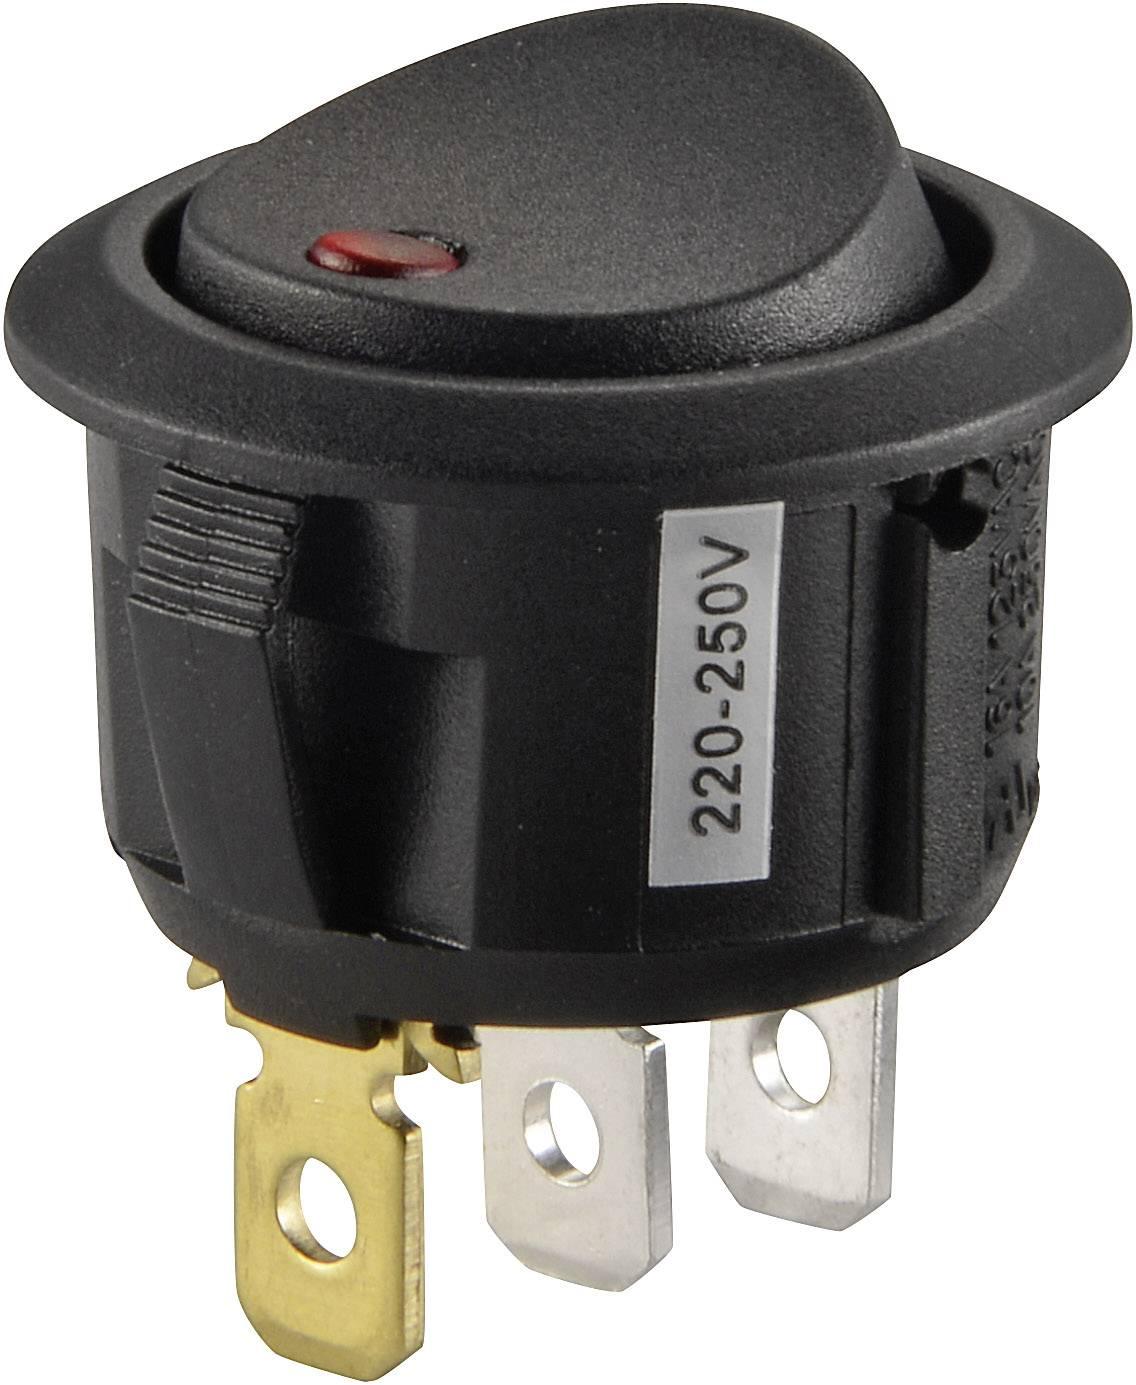 Kolískový spínač s aretáciou SCI R13-208B2-02 GN, 250 V/AC, 10 A